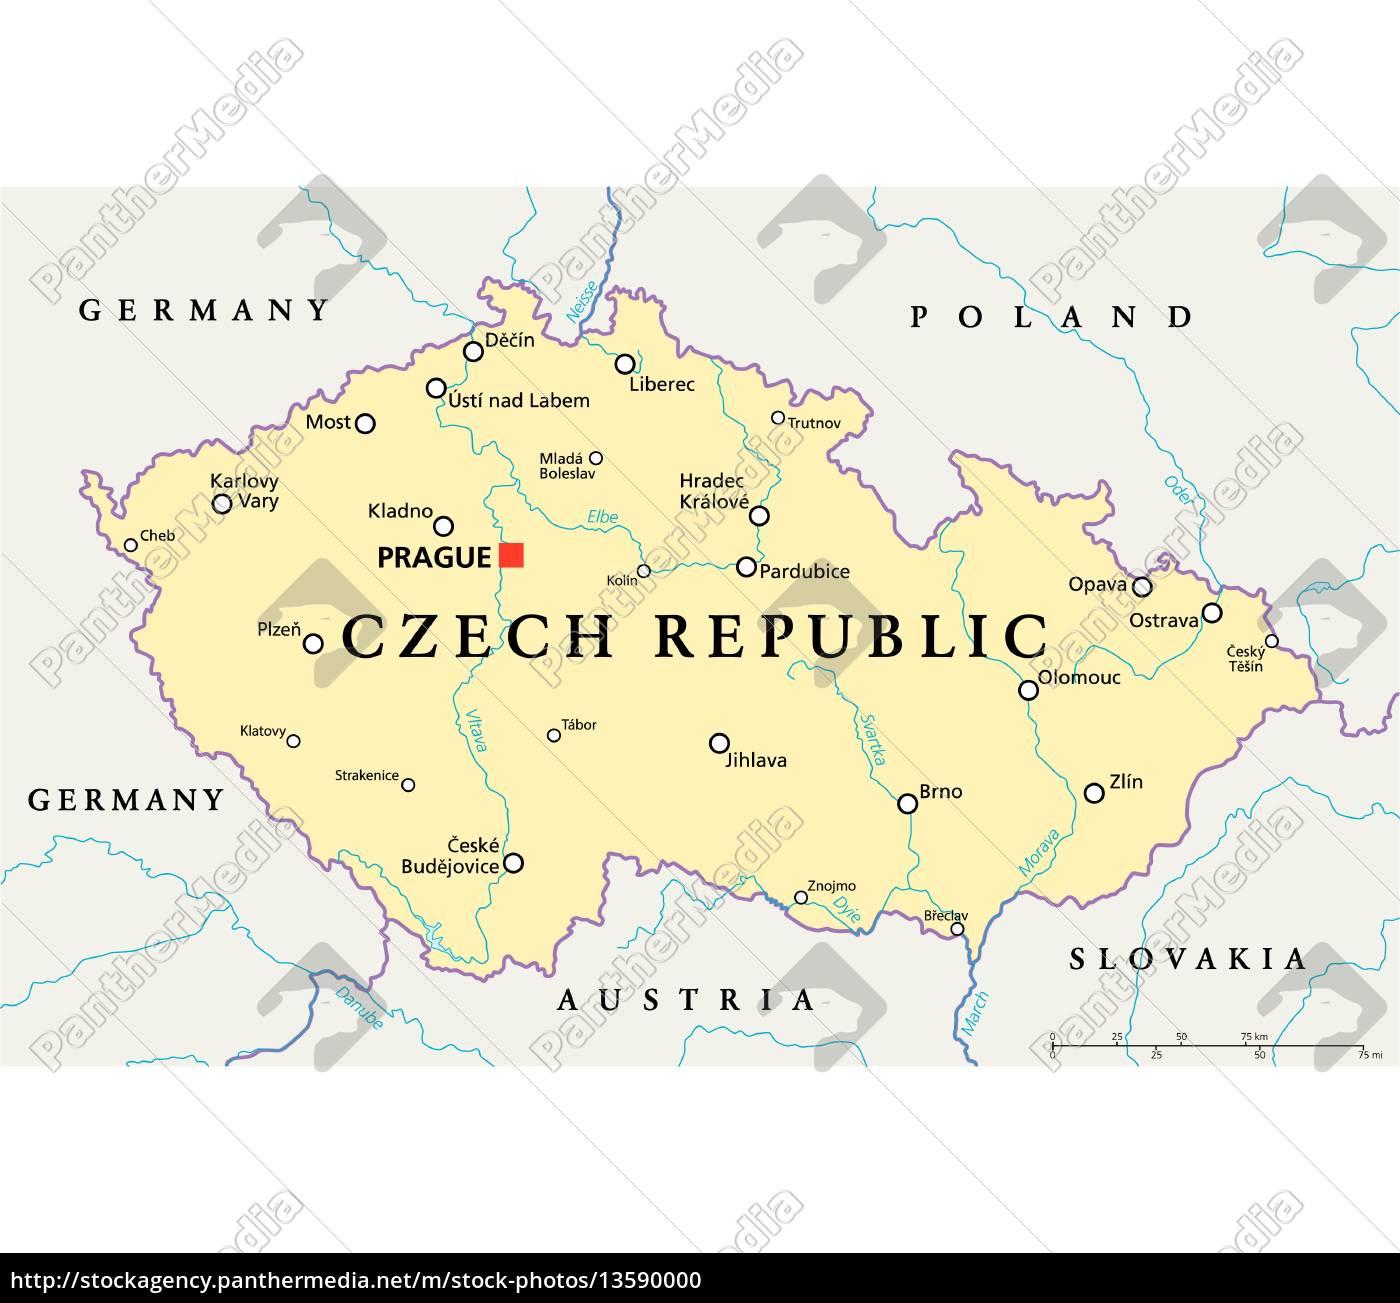 Karte Tschechien.Lizenzfreie Vektorgrafik 13590000 Tschechische Republik Politische Karte